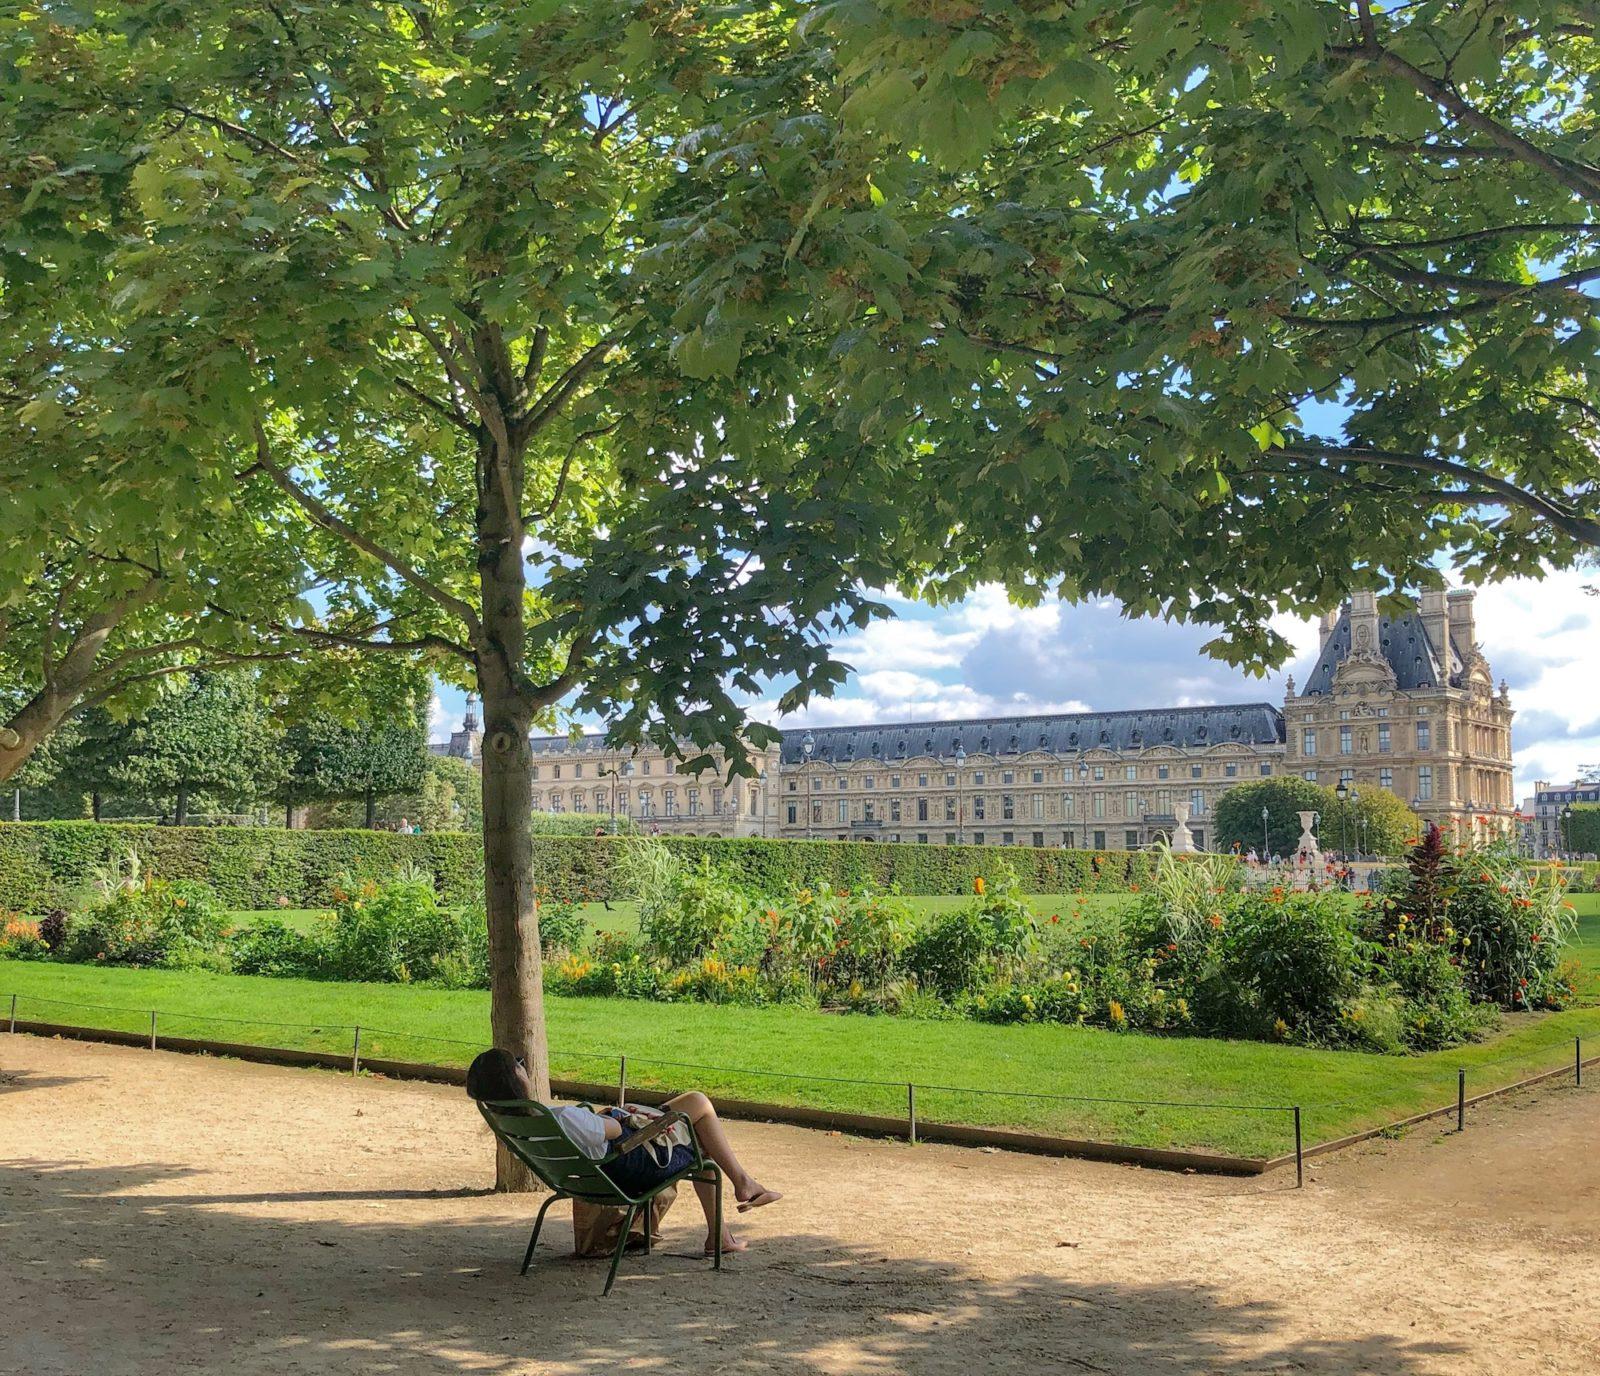 Co warto zobaczyć w Paryżu? Przewodnik po I dzielnicy i najpiękniejsze miejsca w Paryżu